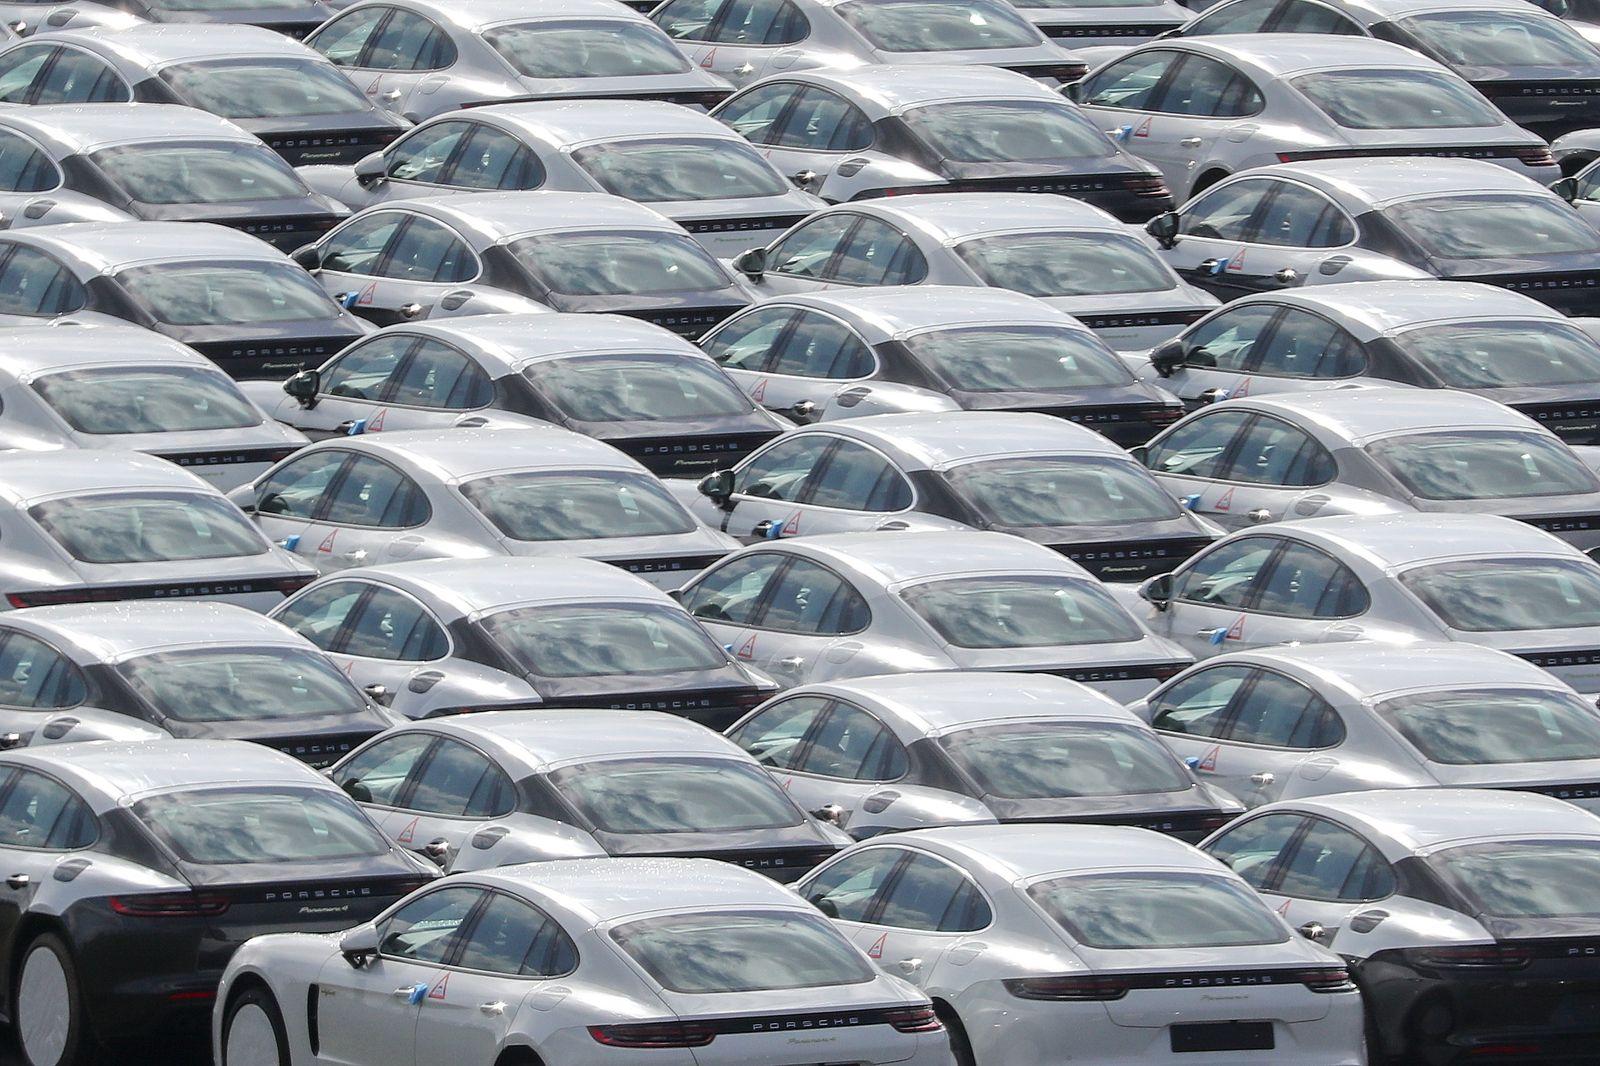 Branchenverband VDA: Autoindustrie in beispielloser Krise